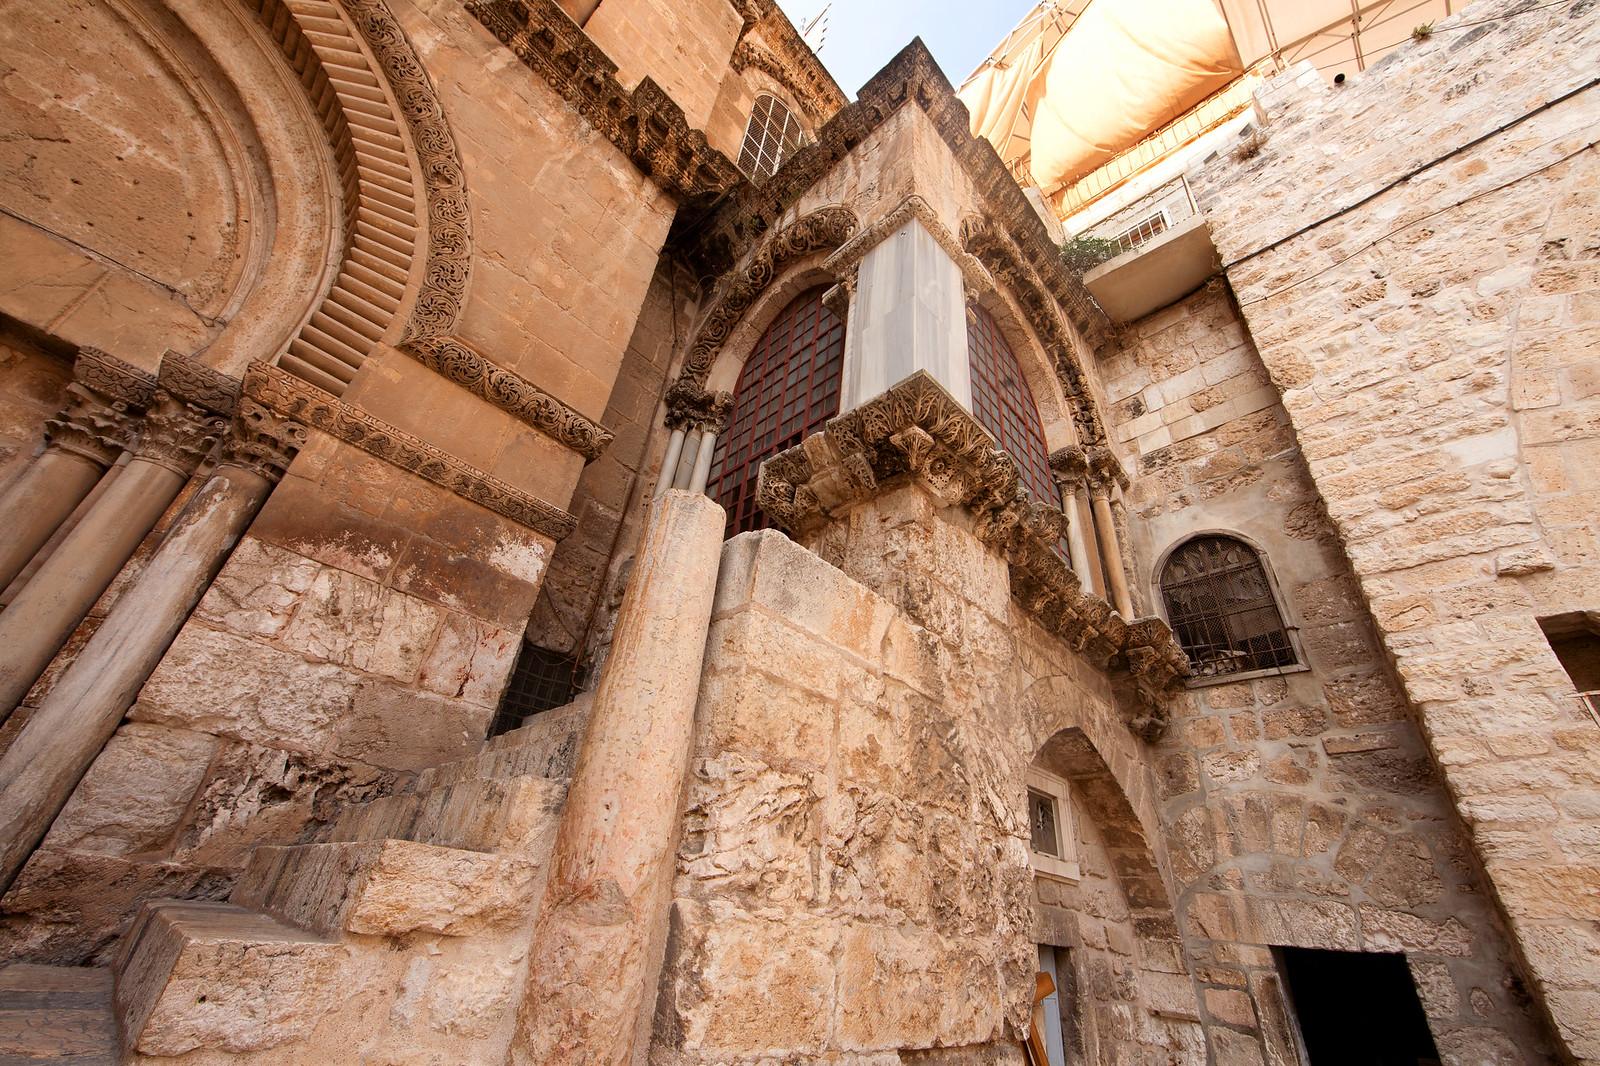 Jerusalem_Via Dolorosa_Station 10 (1)_ outside the Holy  Sepulcher_Noam Chen_IMOT